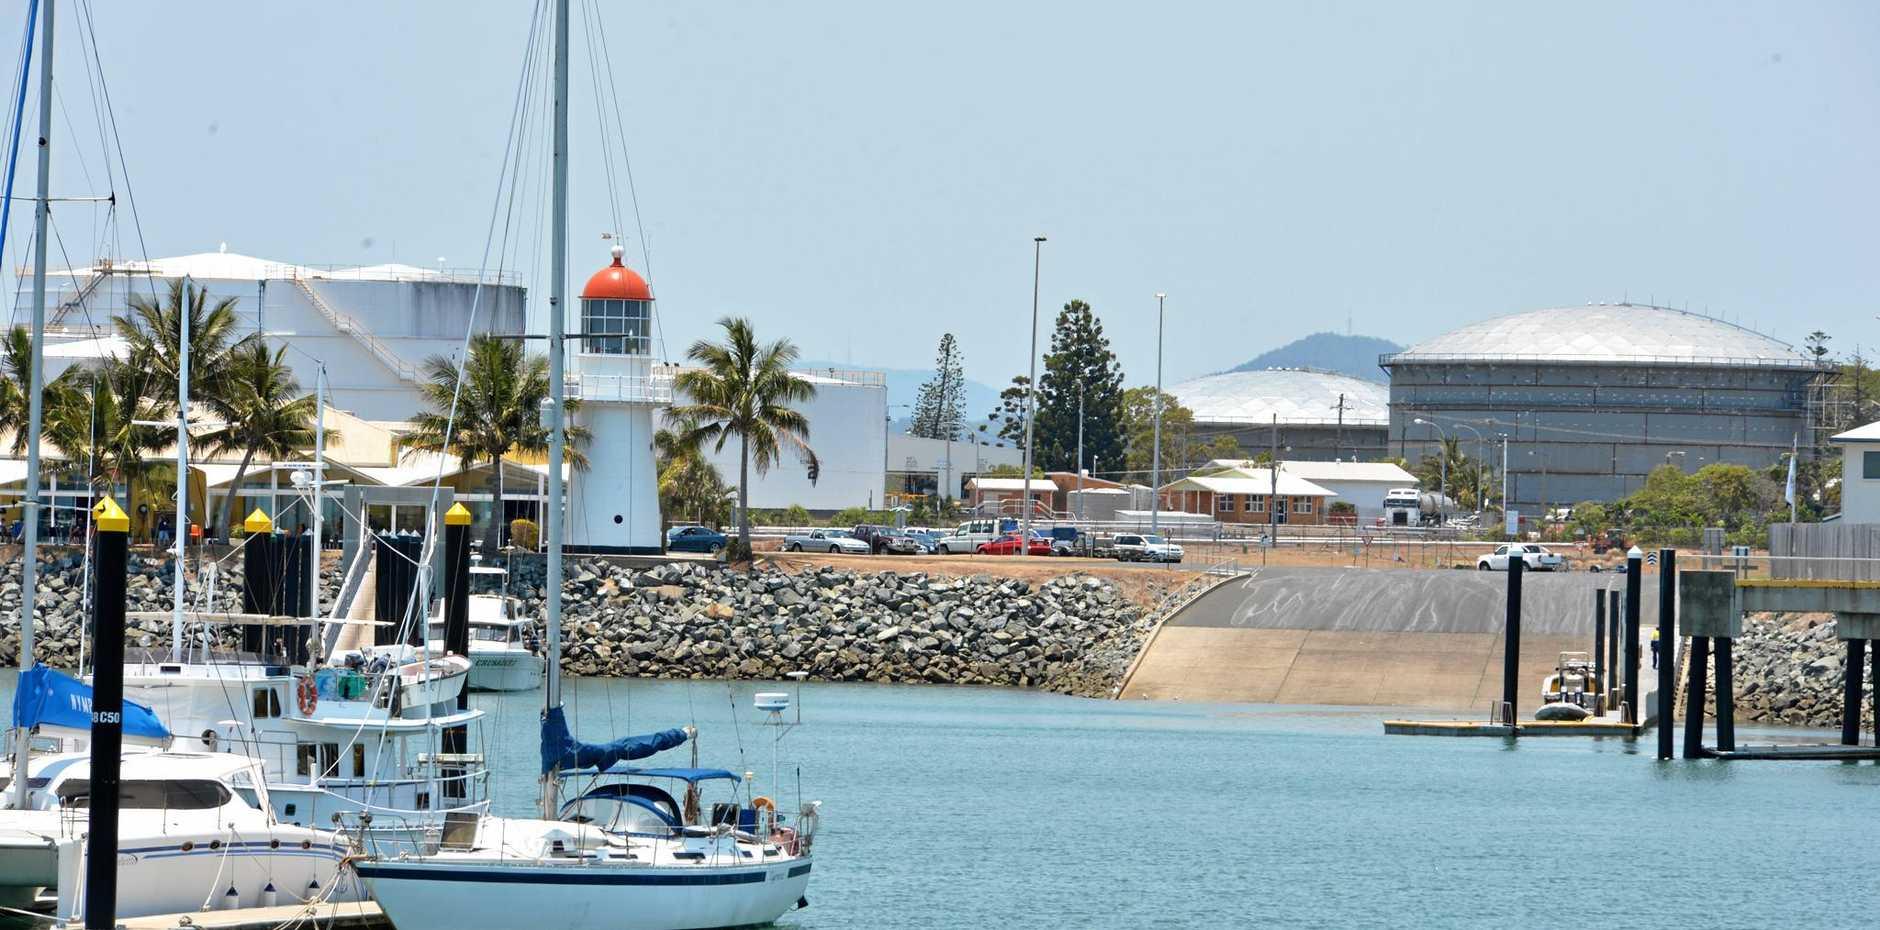 Mackay Marina boat ramp.